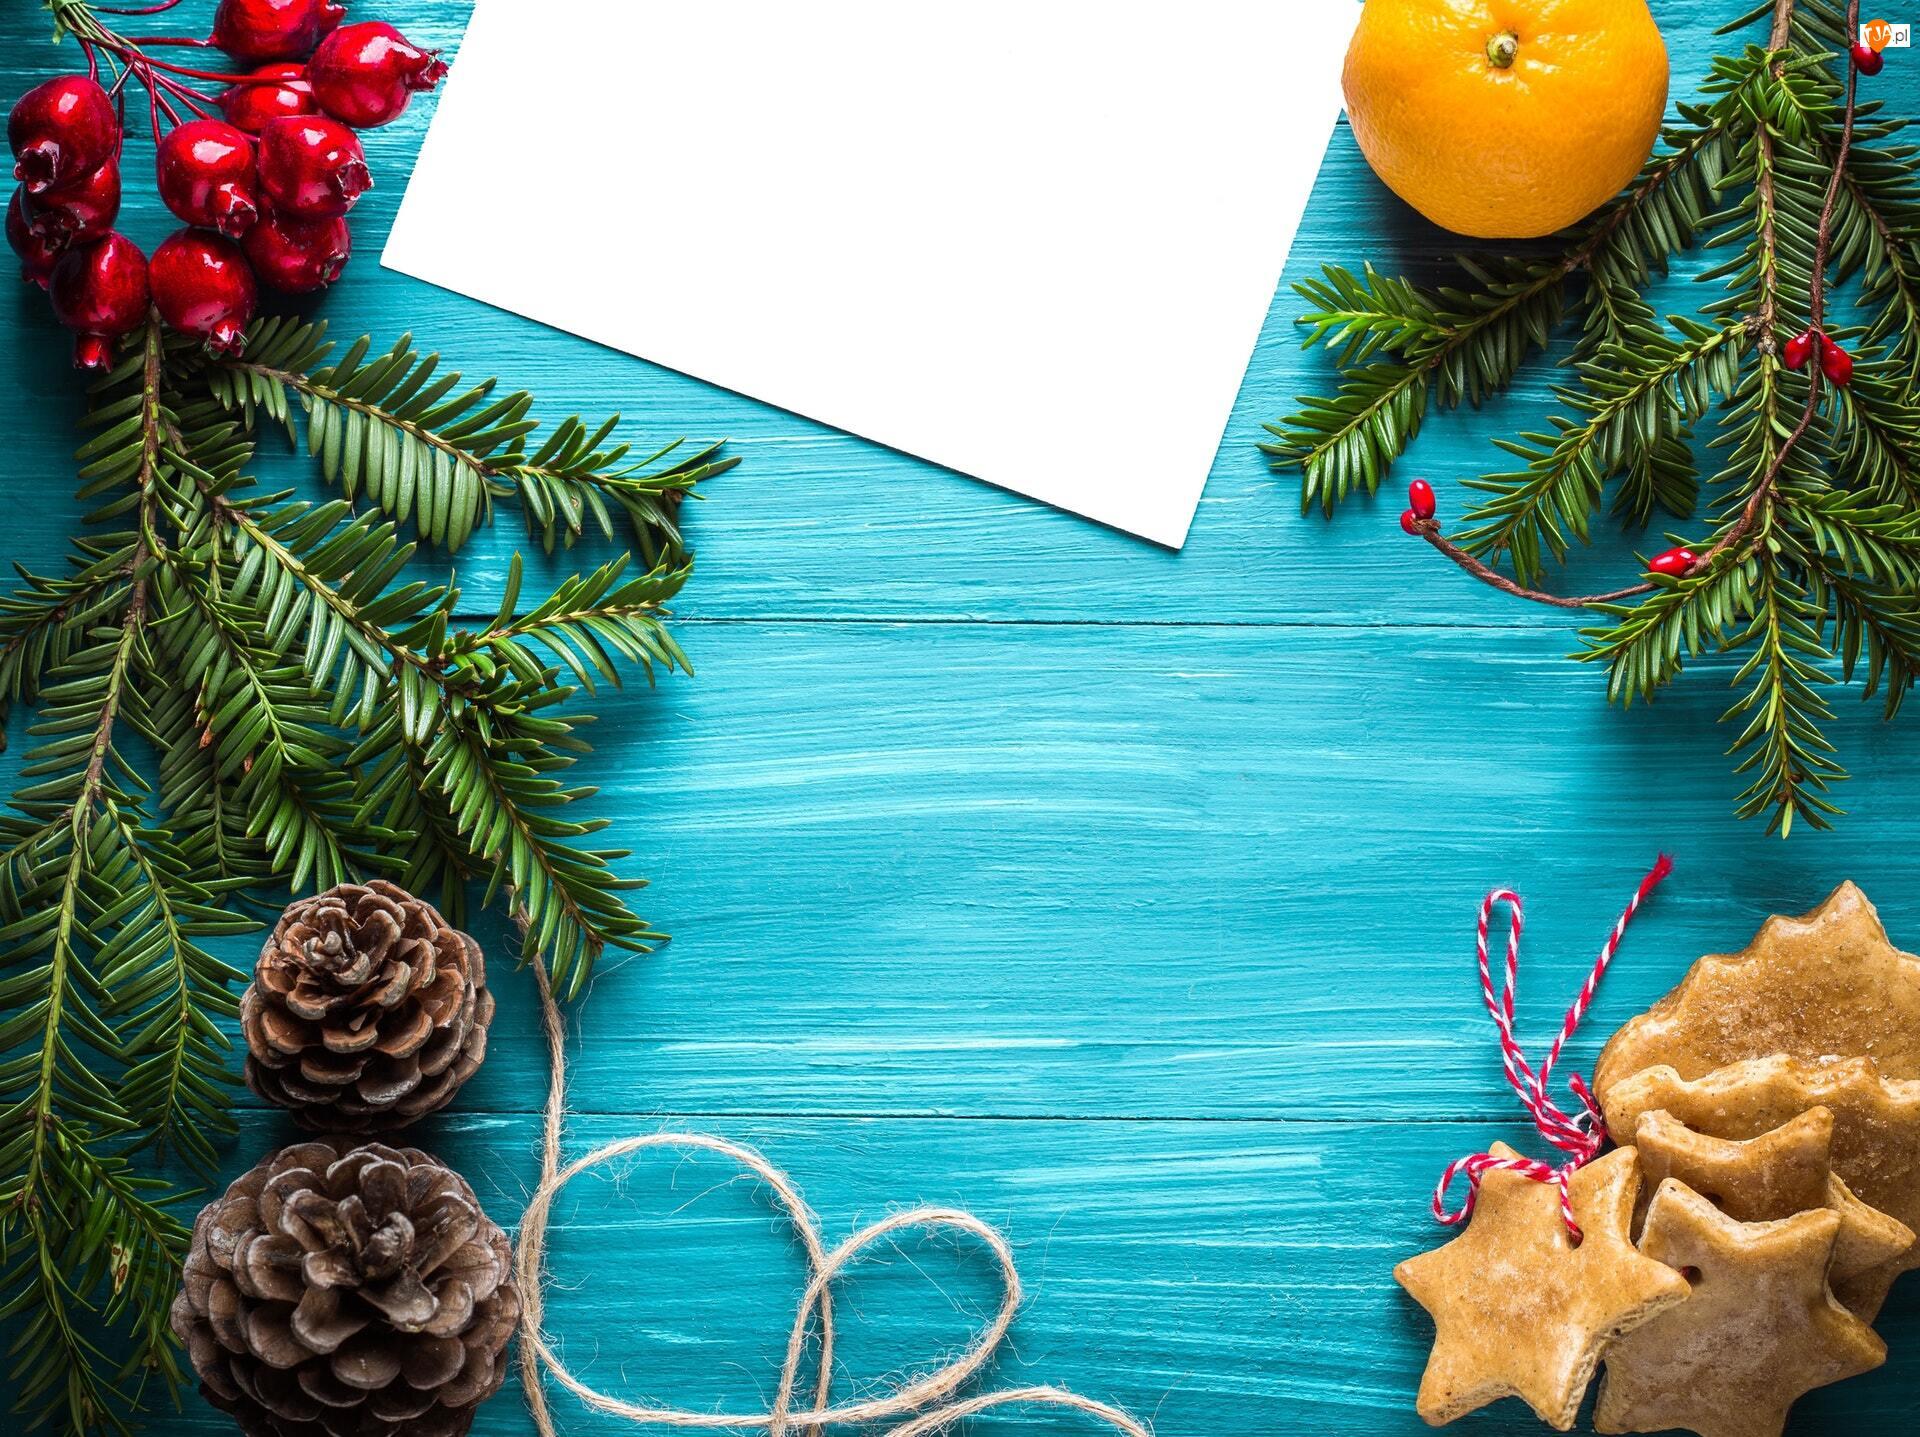 Gałązki, Boże Narodzenie, Pierniki, Kompozycja, Szyszki, Bilecik